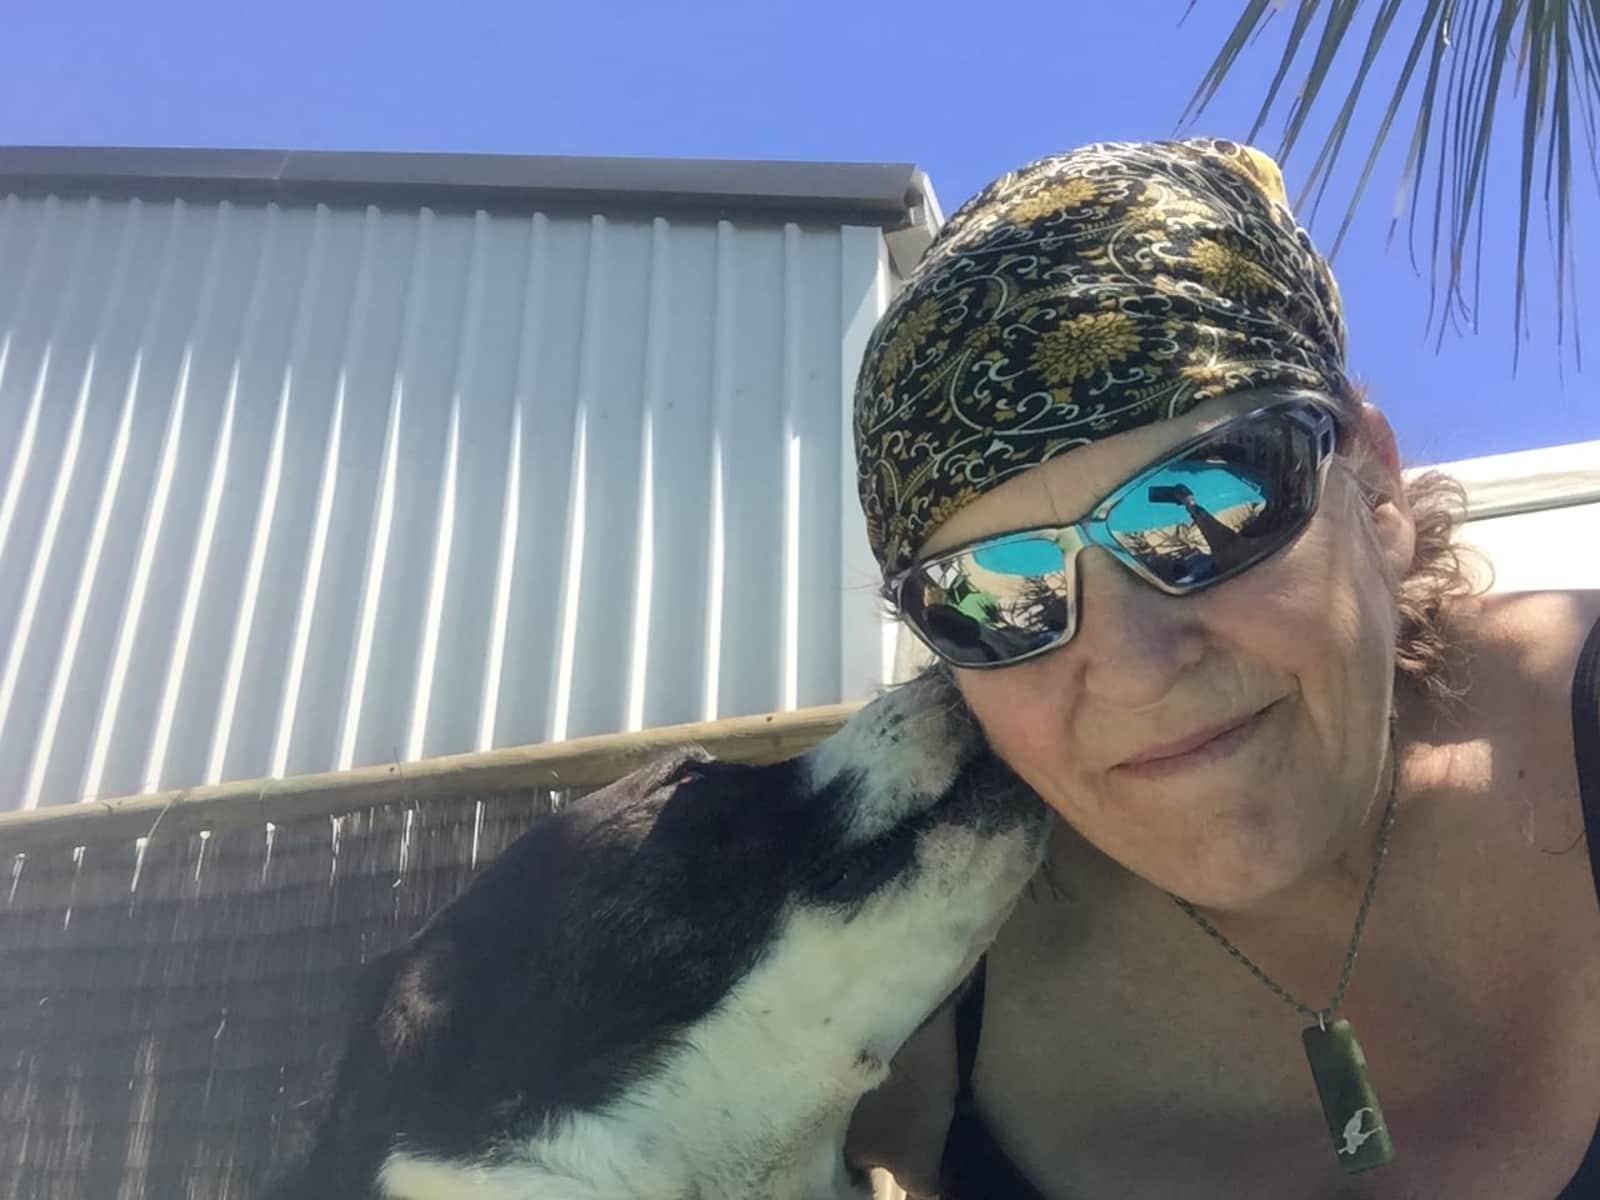 Annie from Kalgoorlie, Western Australia, Australia